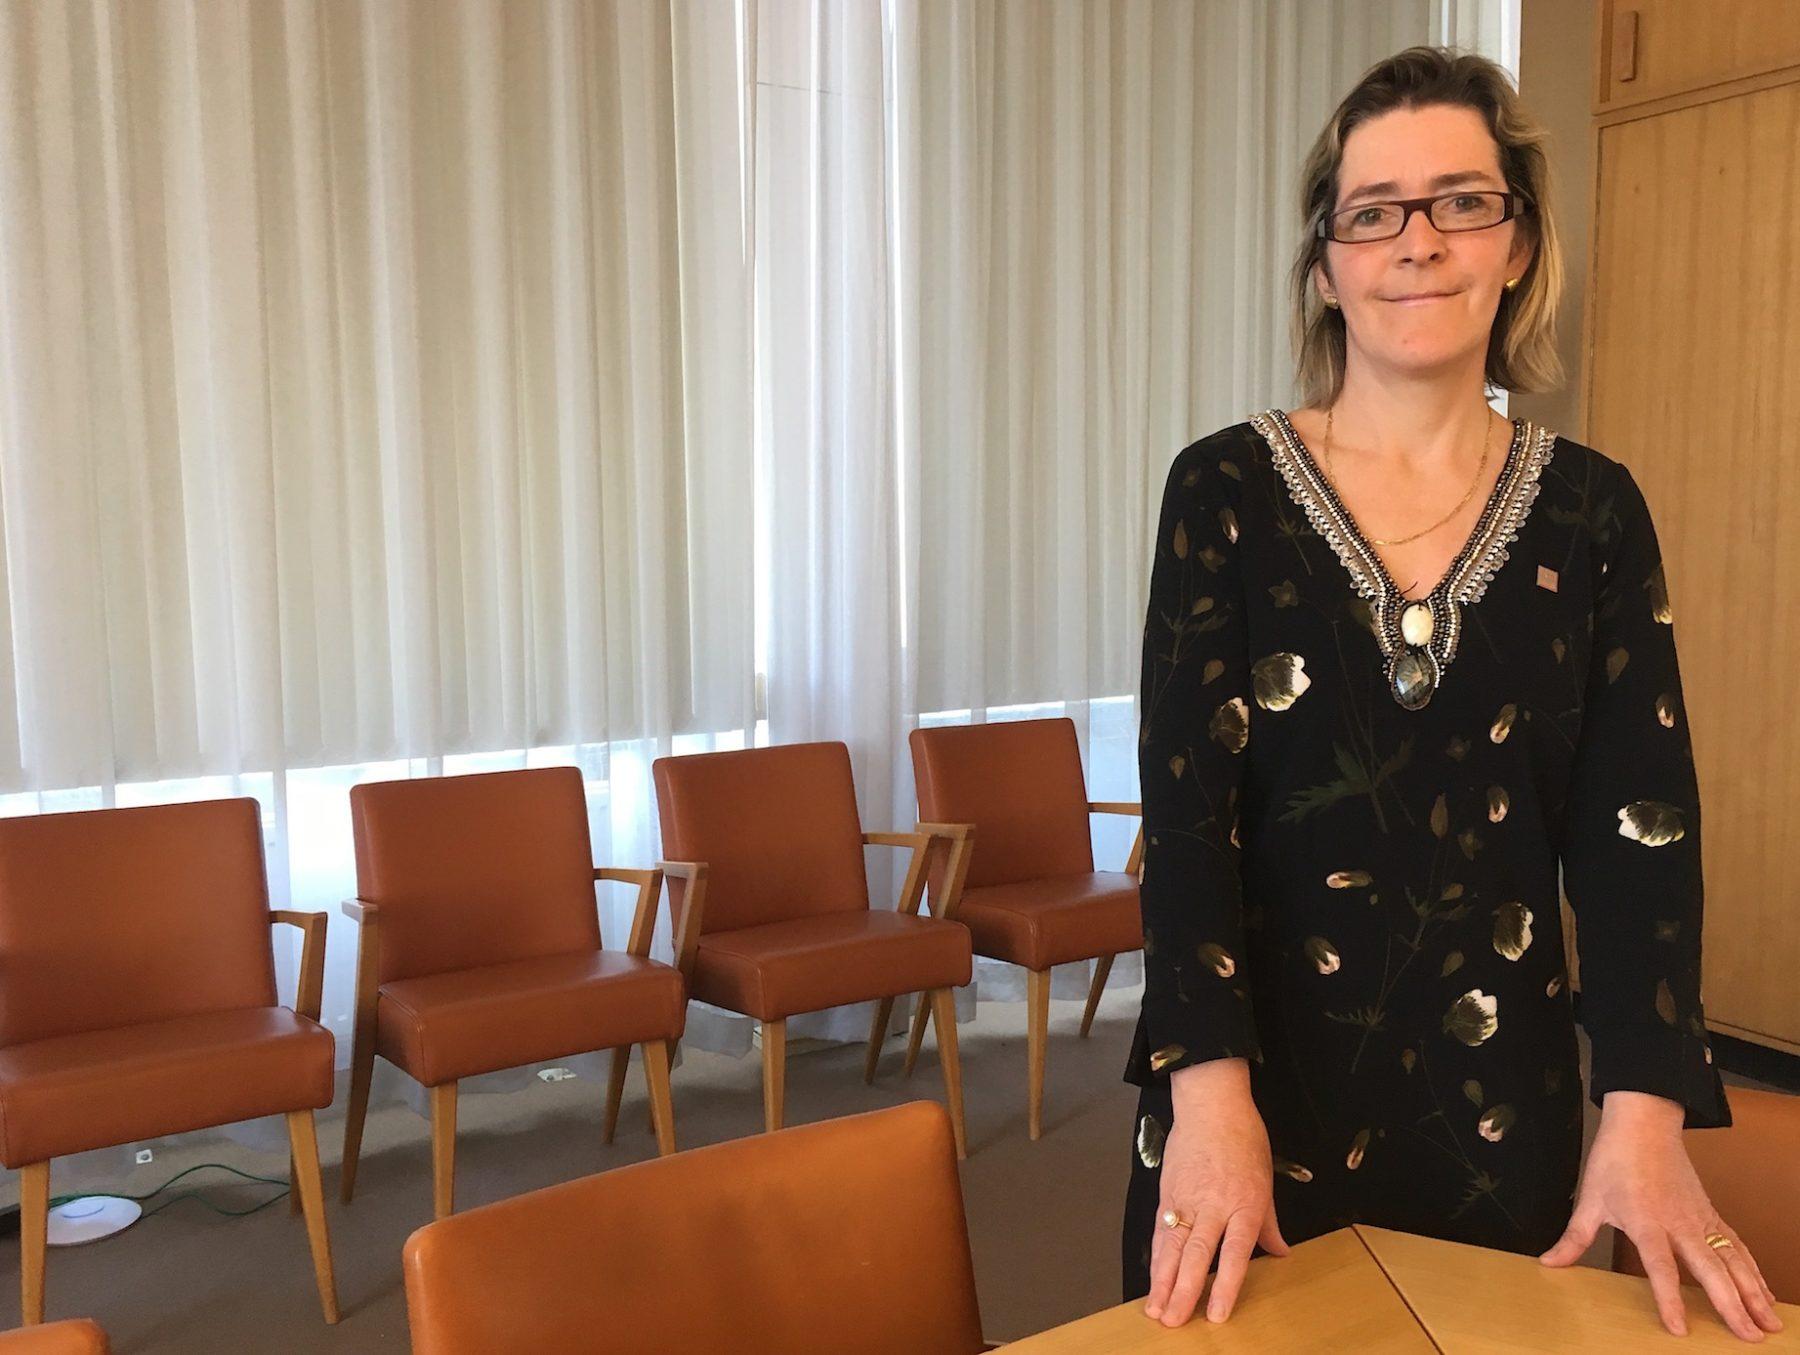 Hilde De Clercq, Directrice générale a.i. de l'Institut royal du Patrimoine artistique (IRPA).